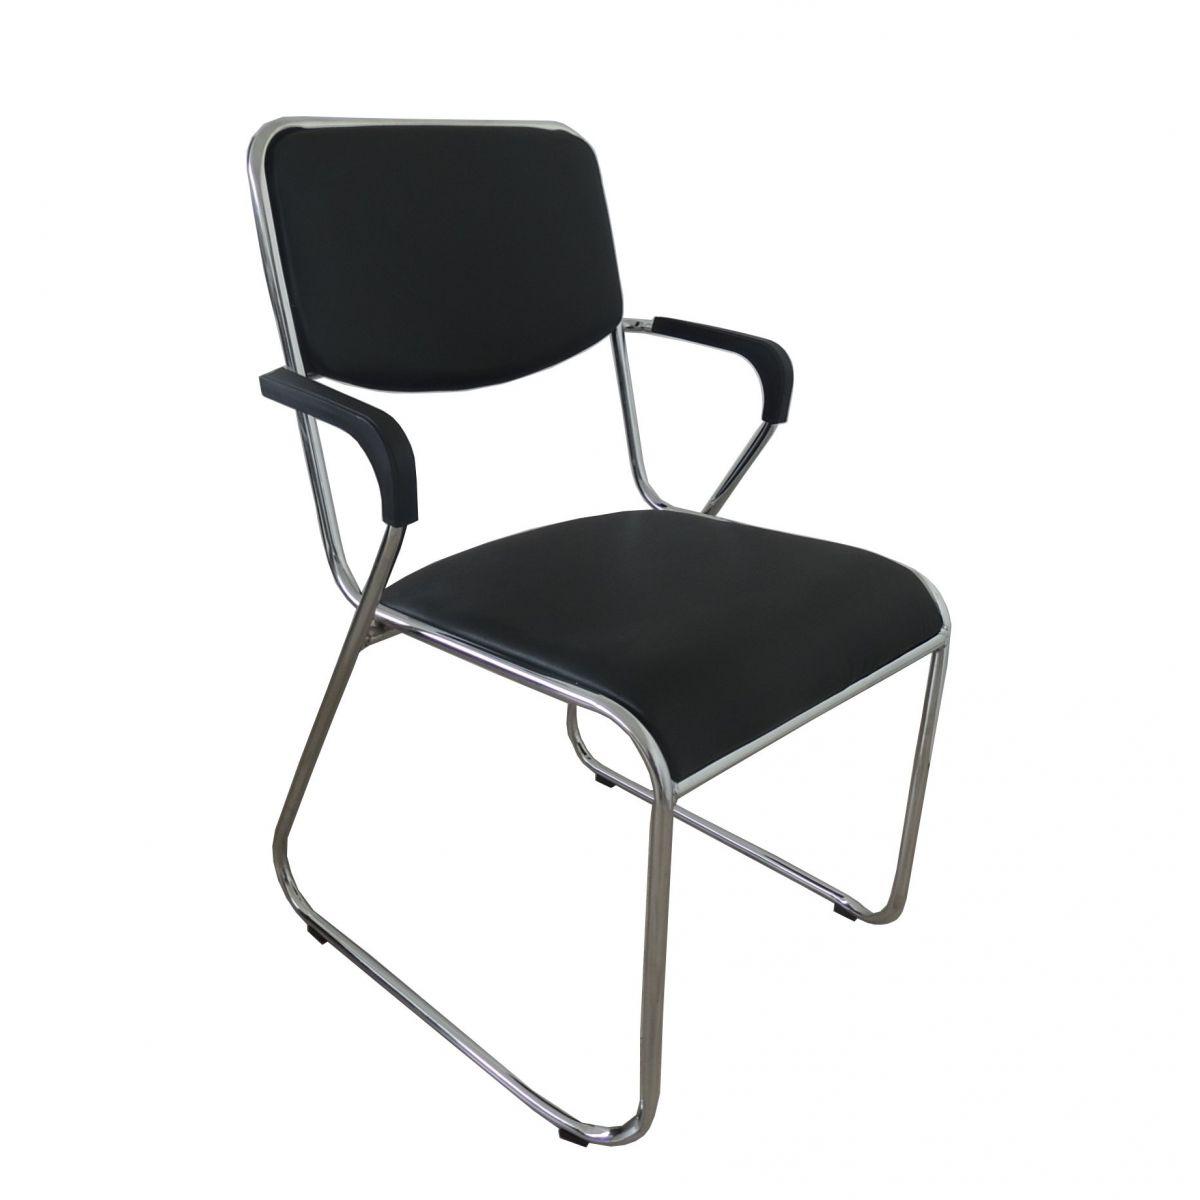 Kit com 5 Cadeiras Interlocutor Empilhável com Braço Pelegrin em Couro PU Preta Pel-1118